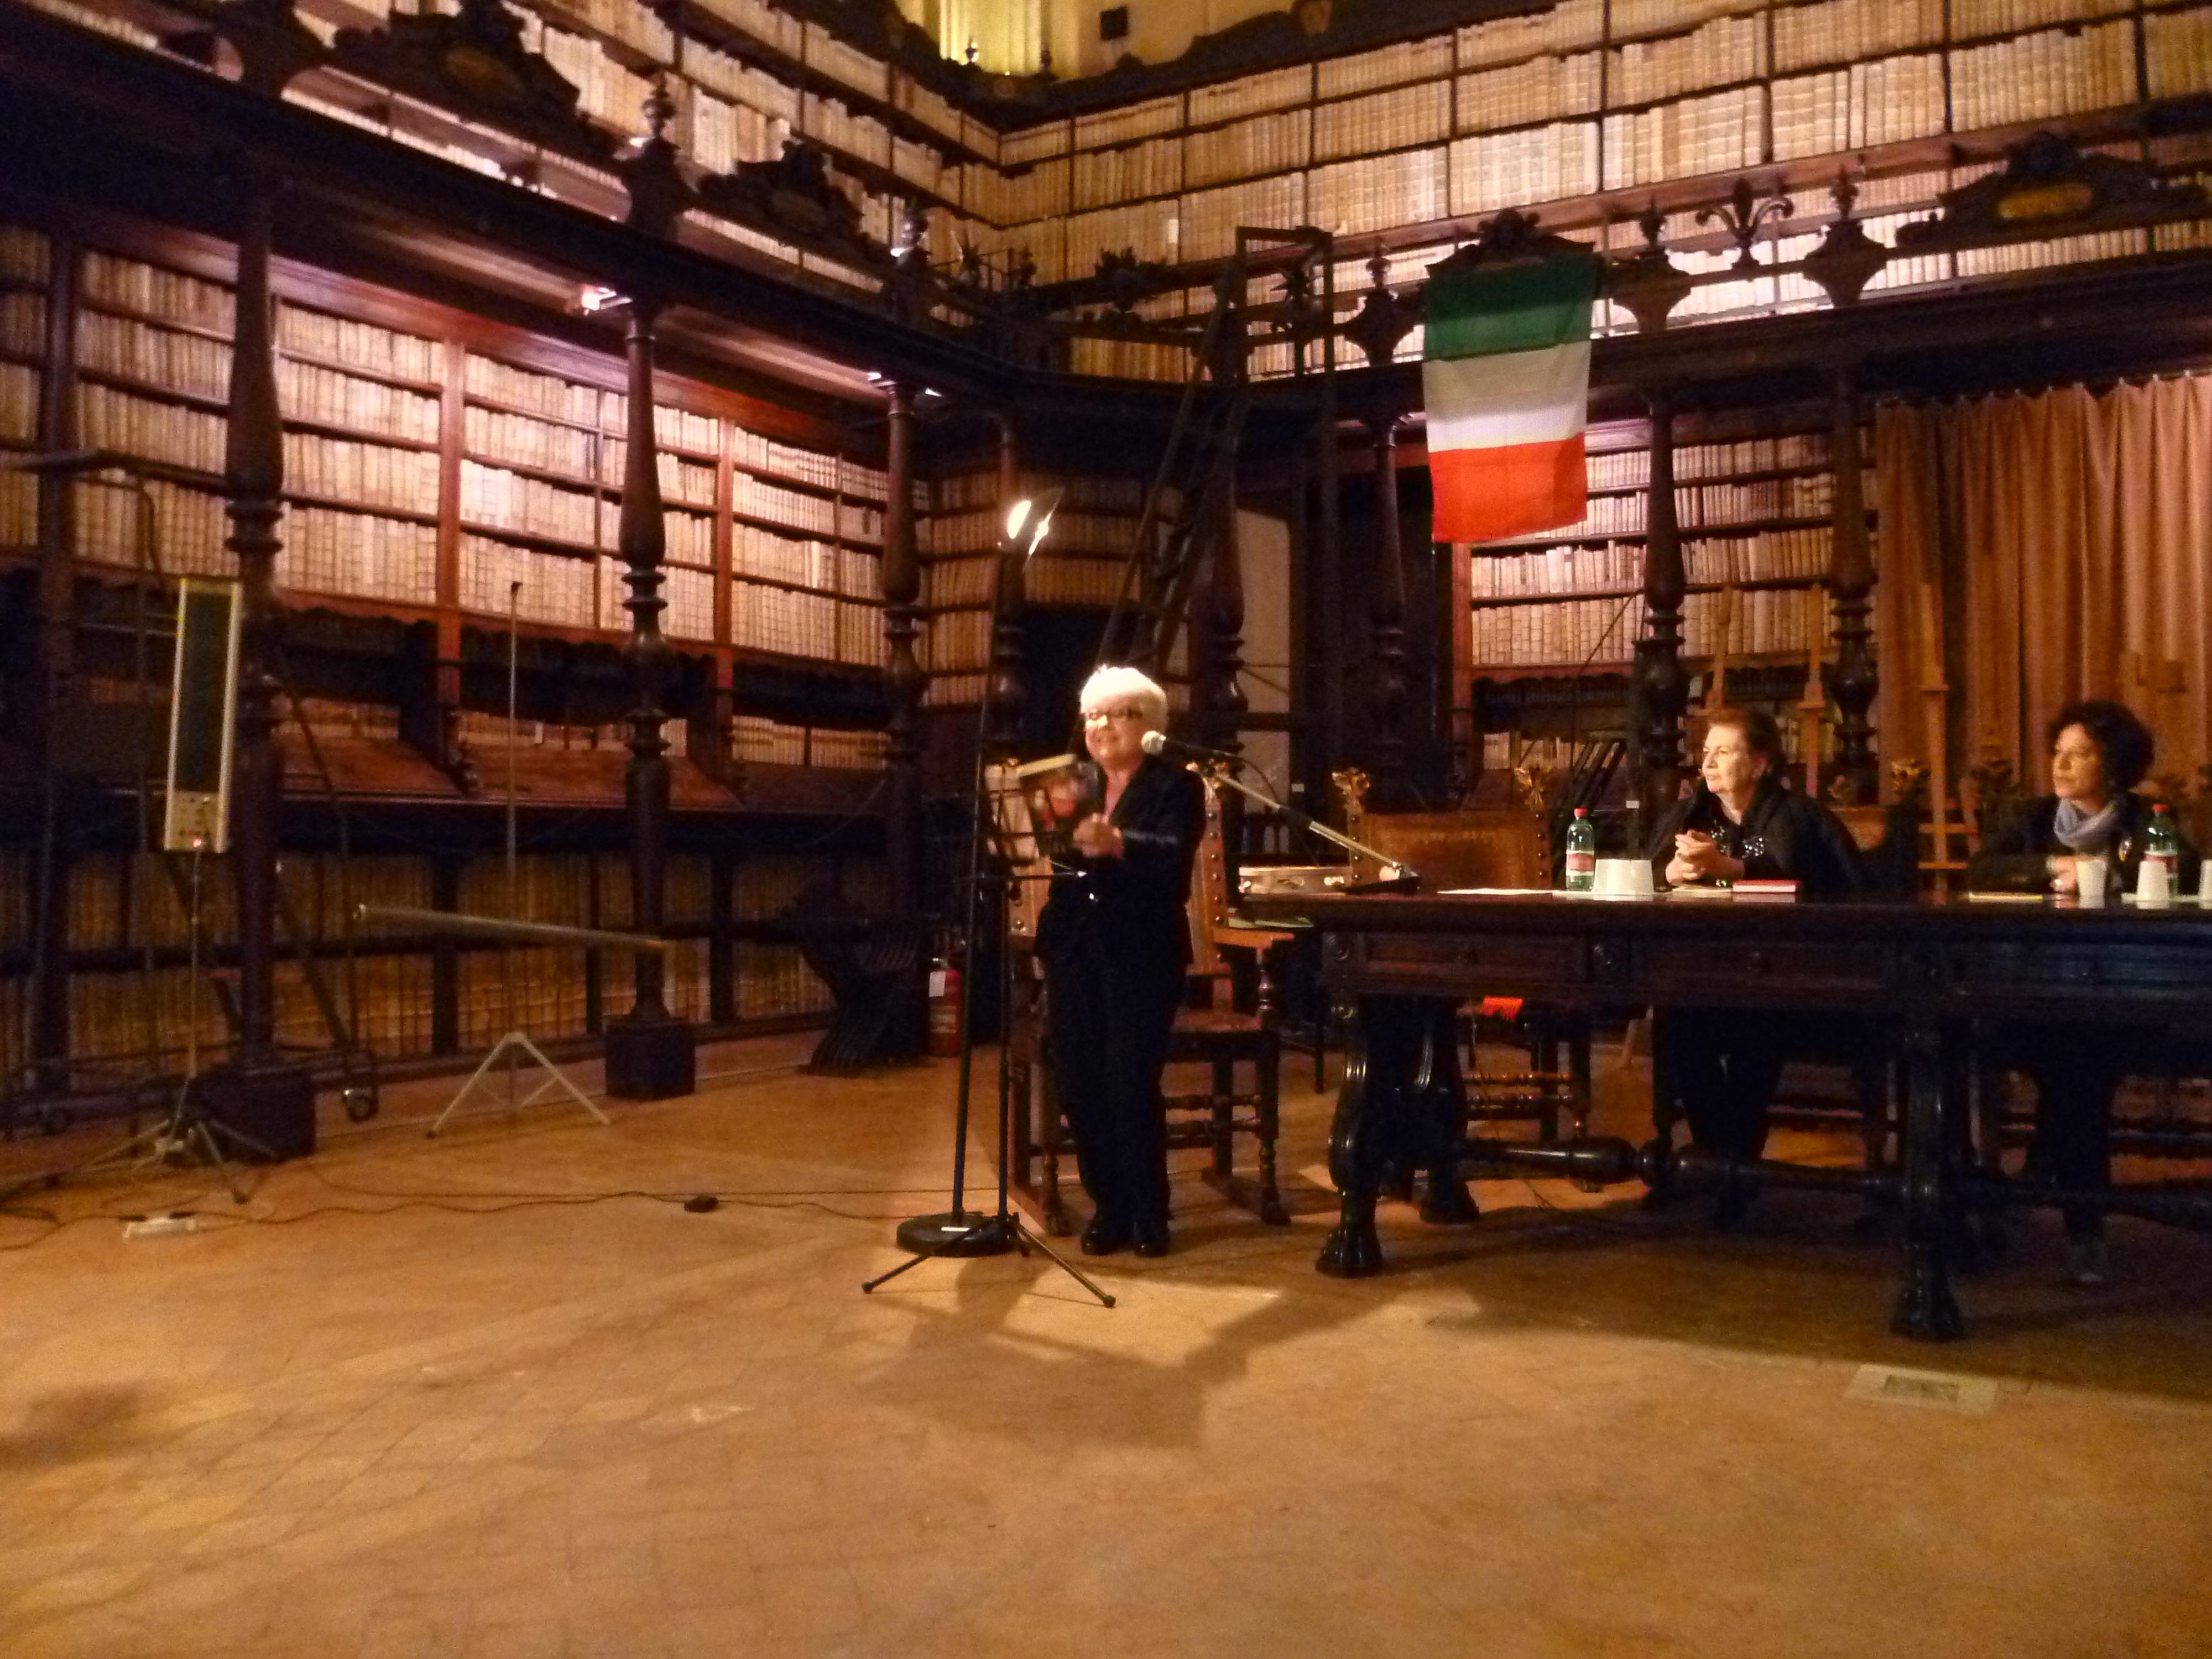 Biblioteca vallicelliana, Roma, presentazione Gramaglie e Frattaglie